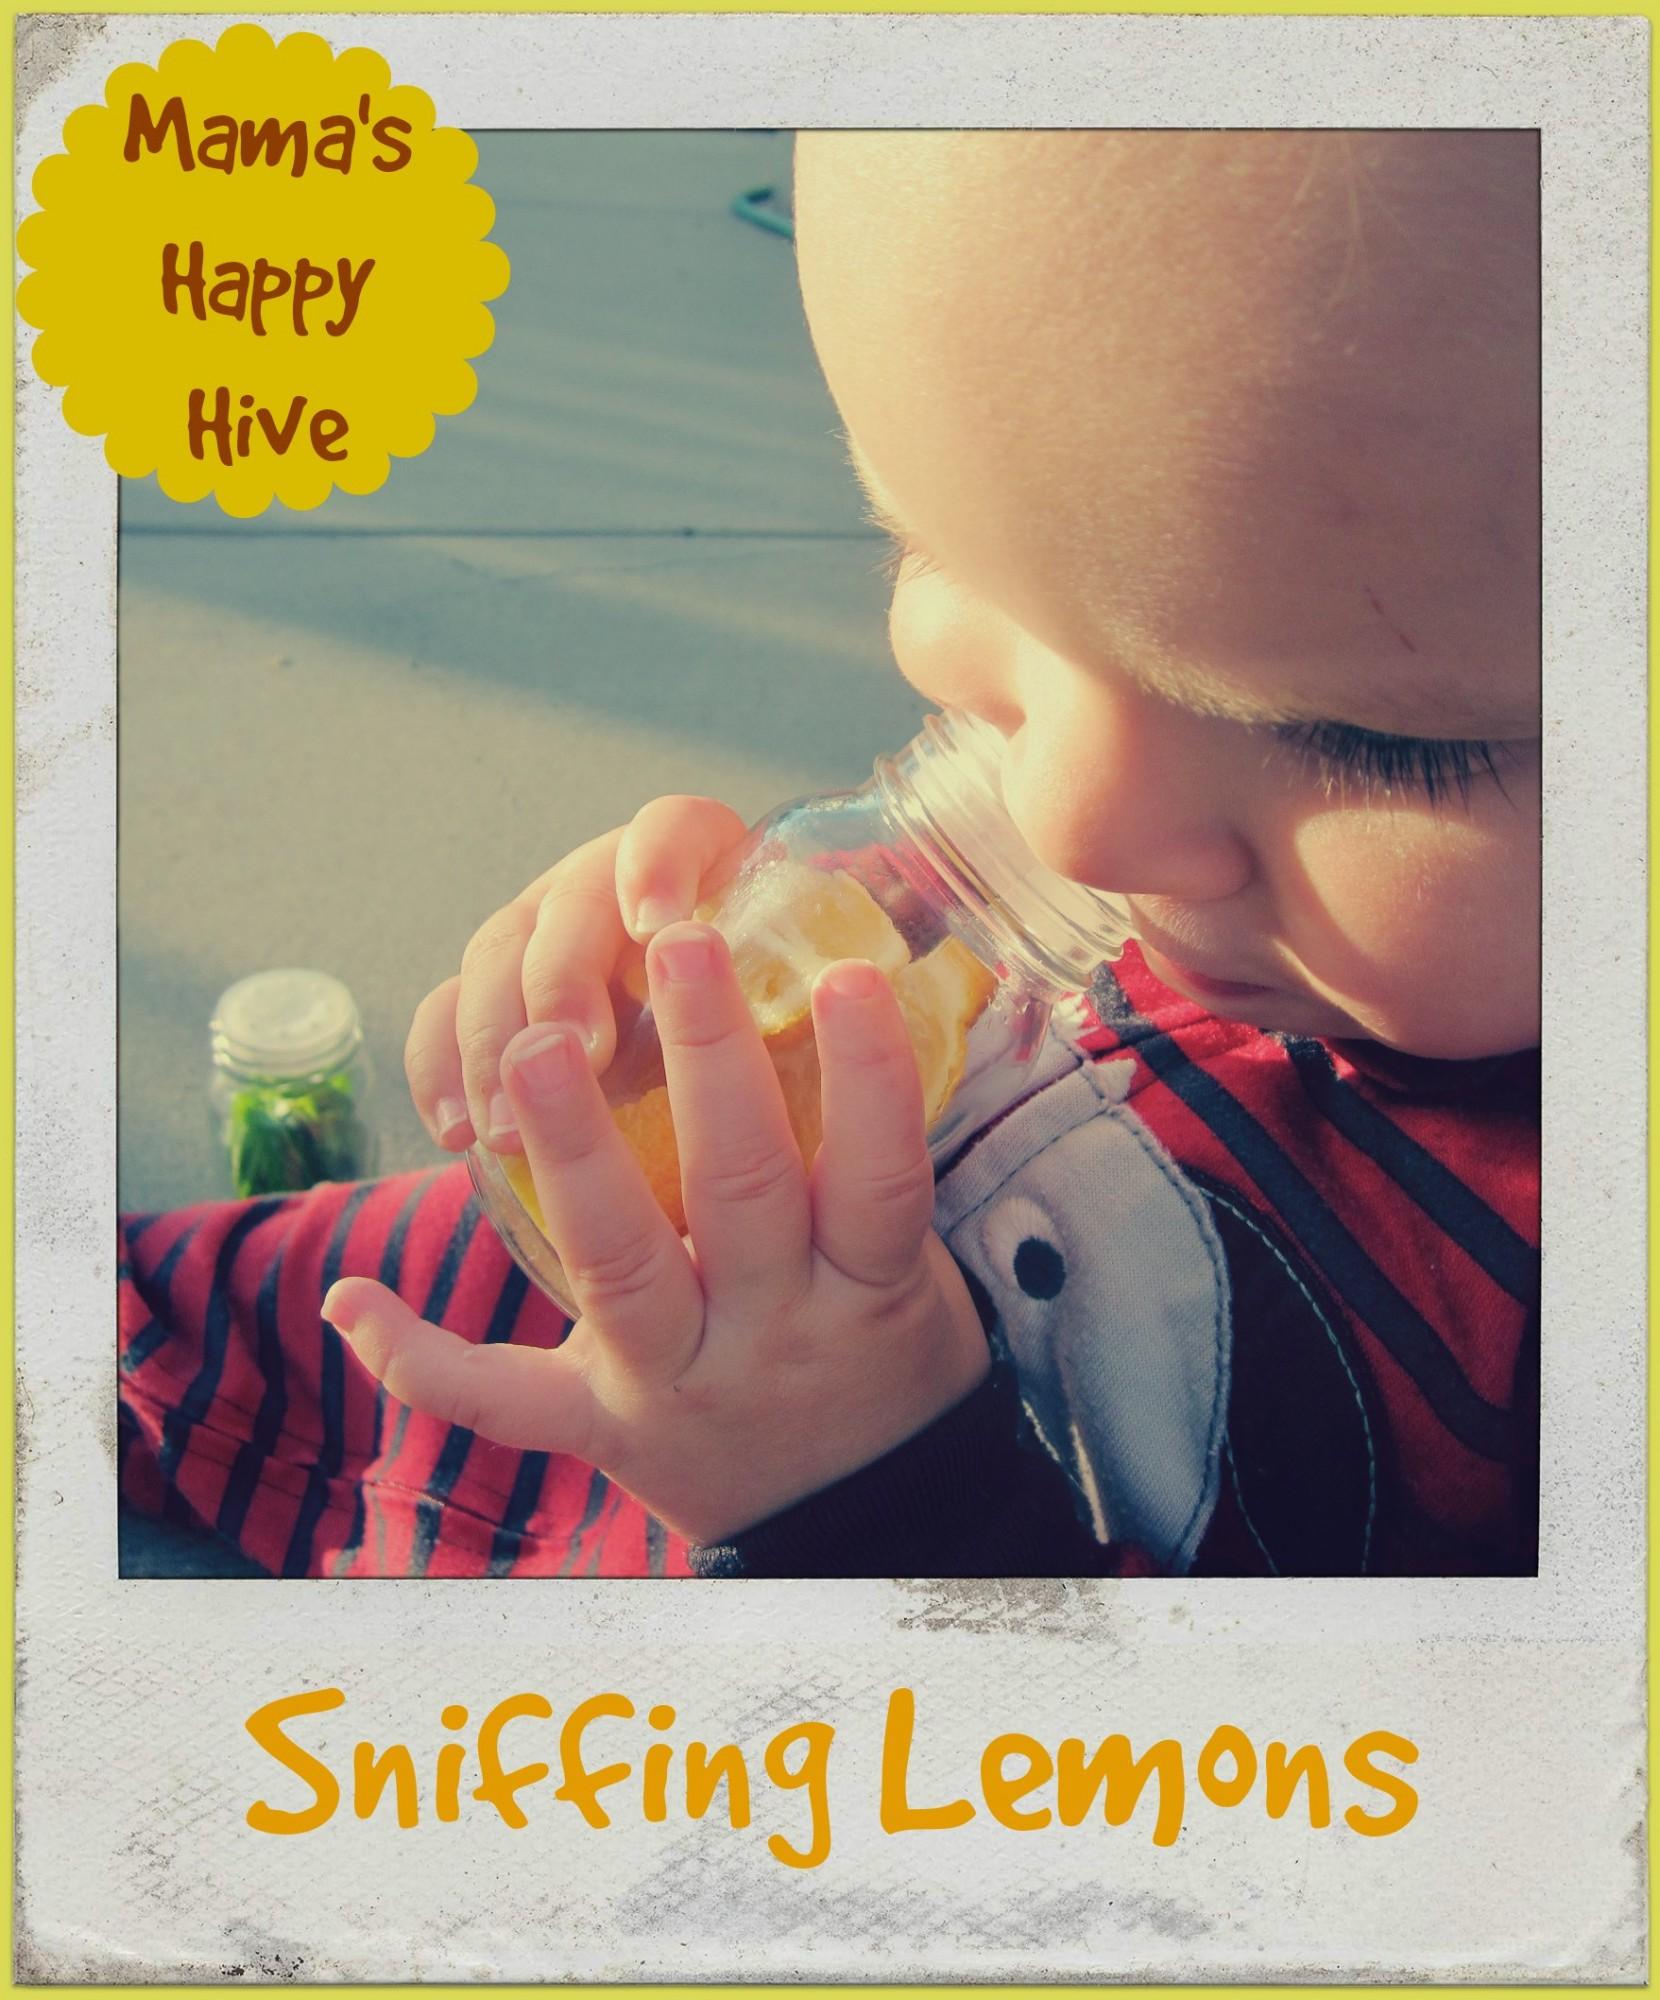 Sniffing Lemons - www.mamashappyhive.com